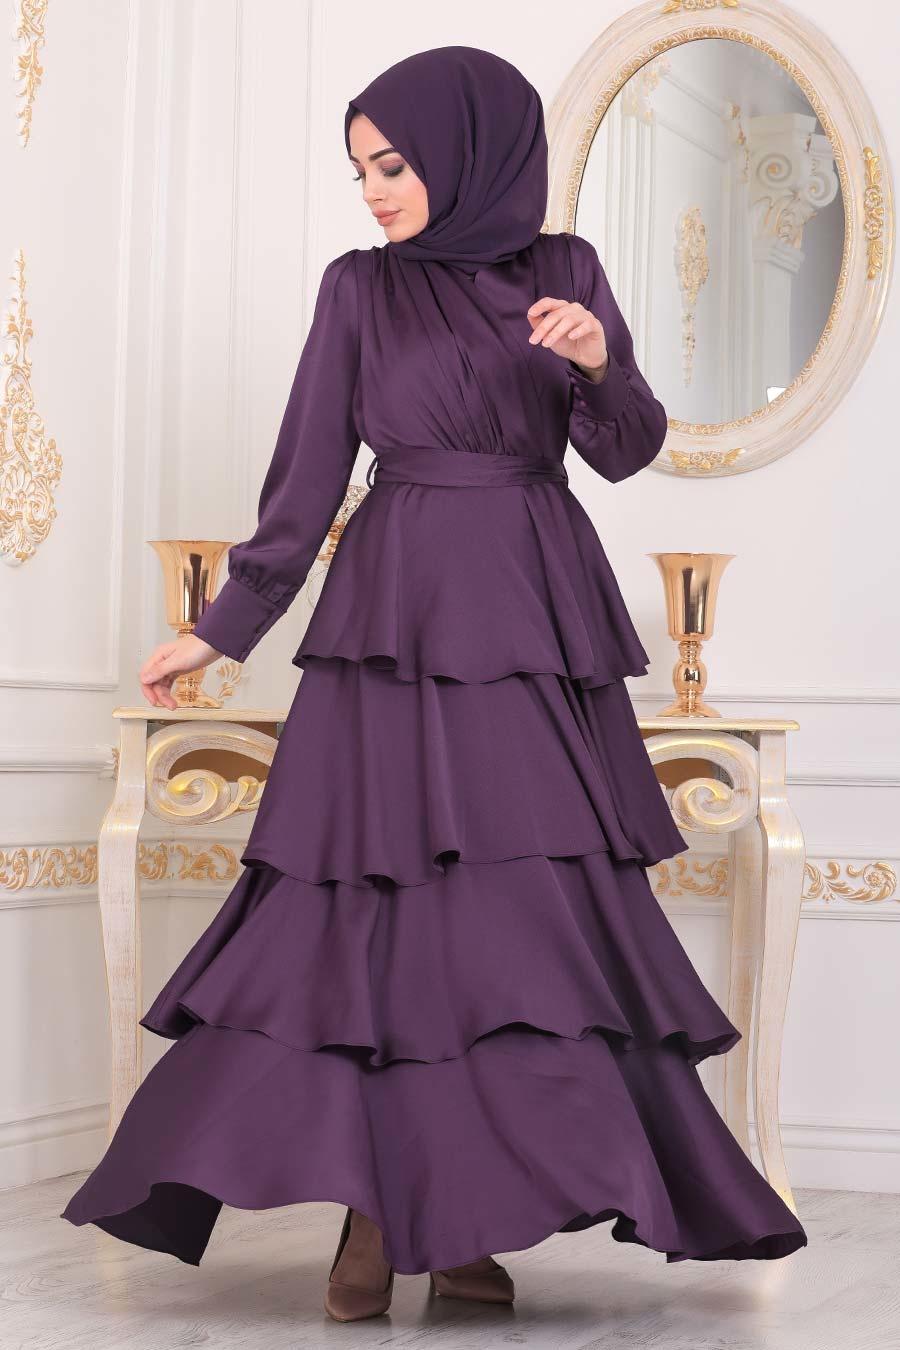 Tesettürlü Abiye Elbise - Fırfırlı Krep Saten Mor Tesettür Abiye Elbise 22701MOR